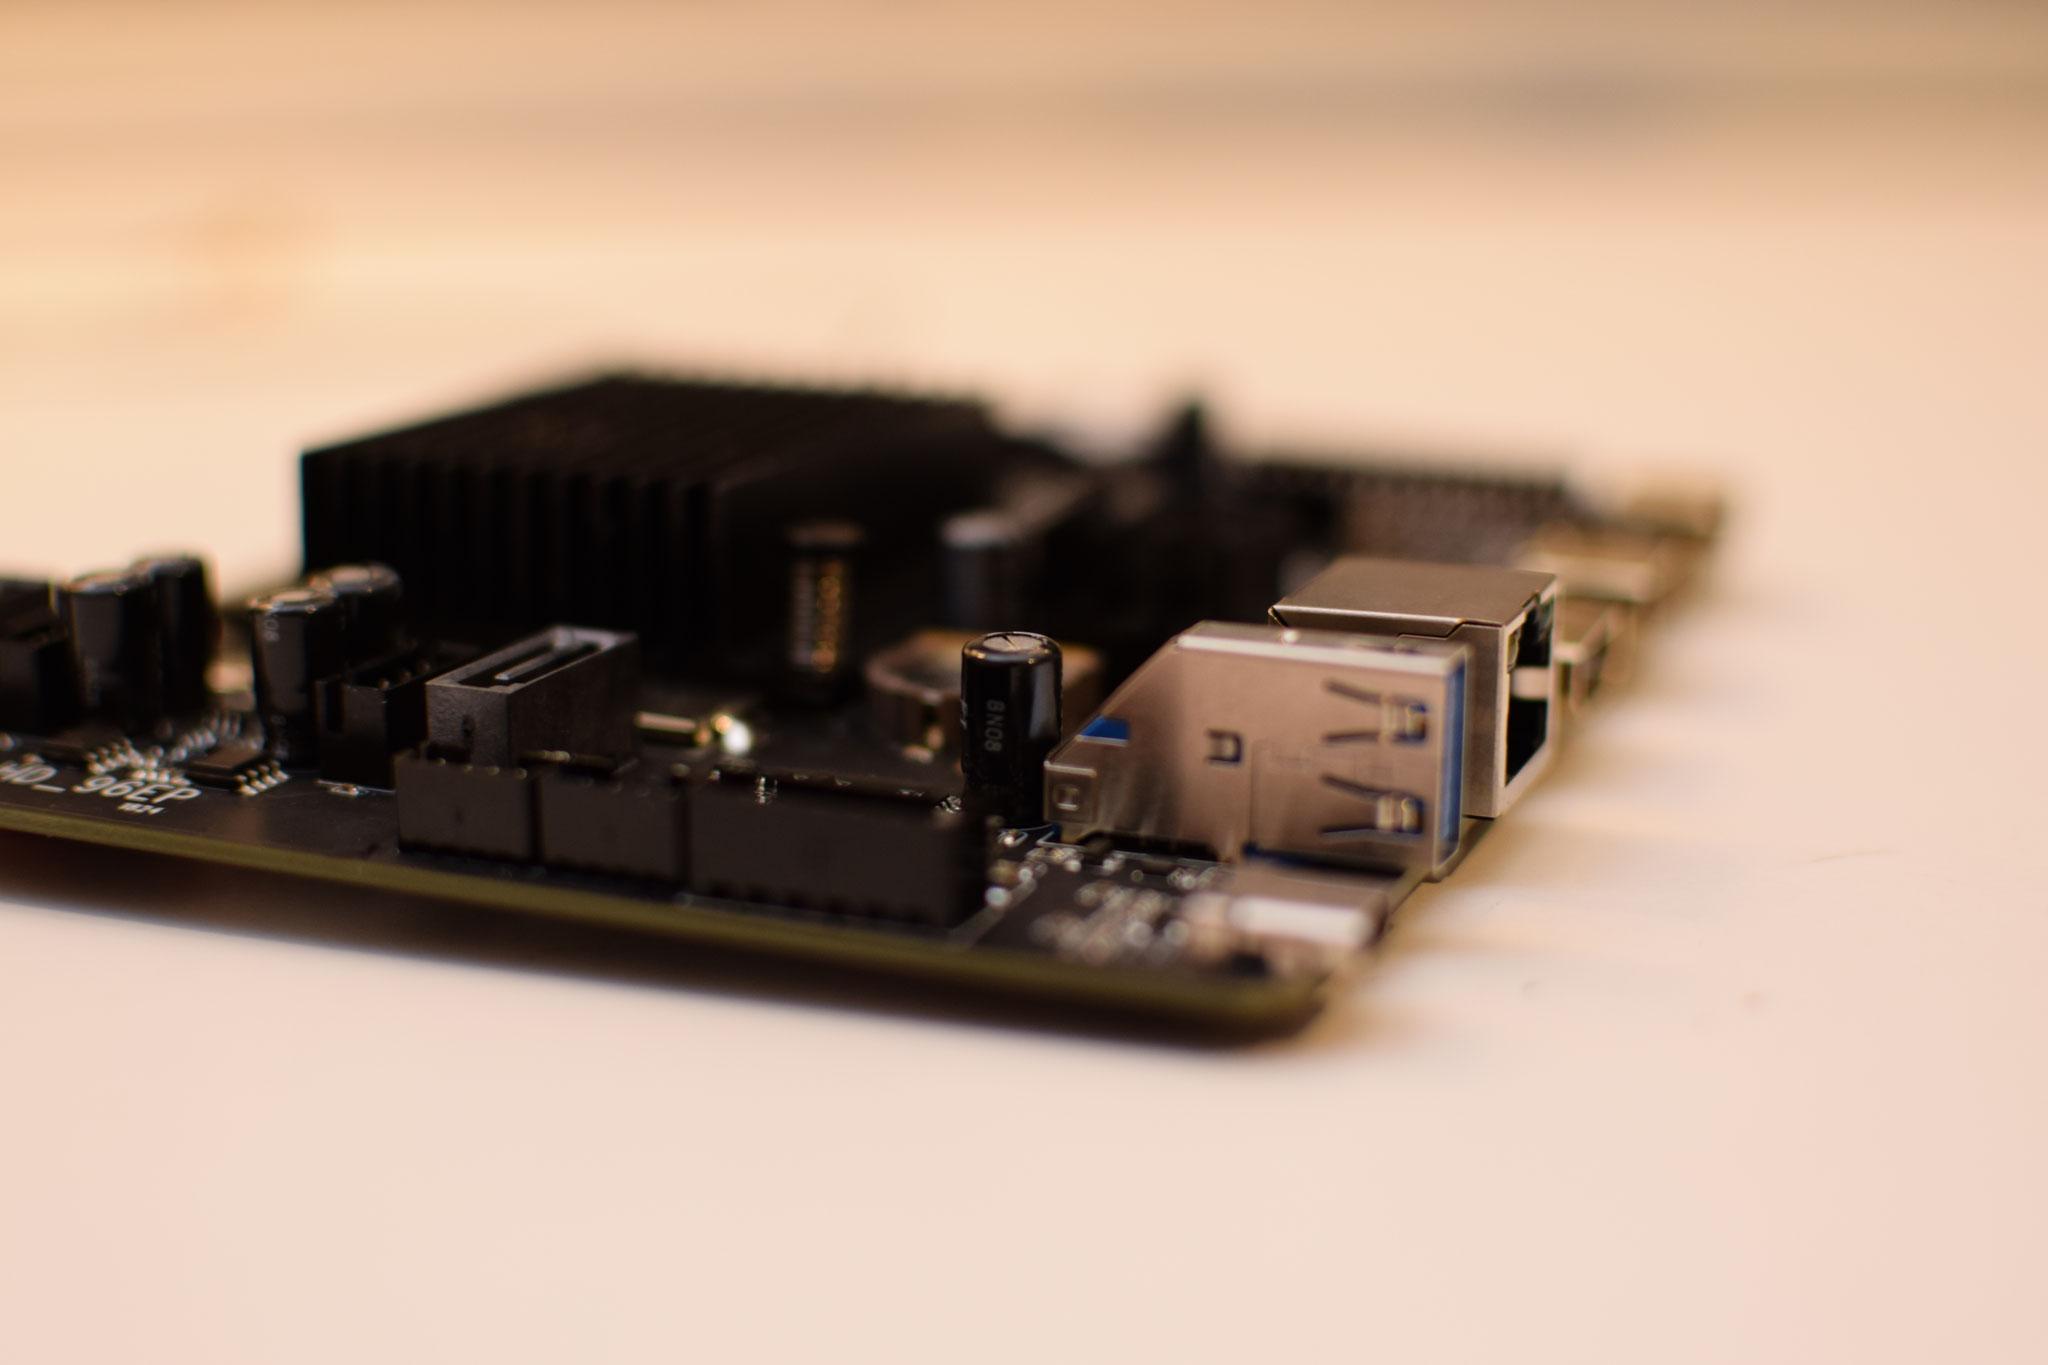 Zidoo UHD2000 Mainboard Detail